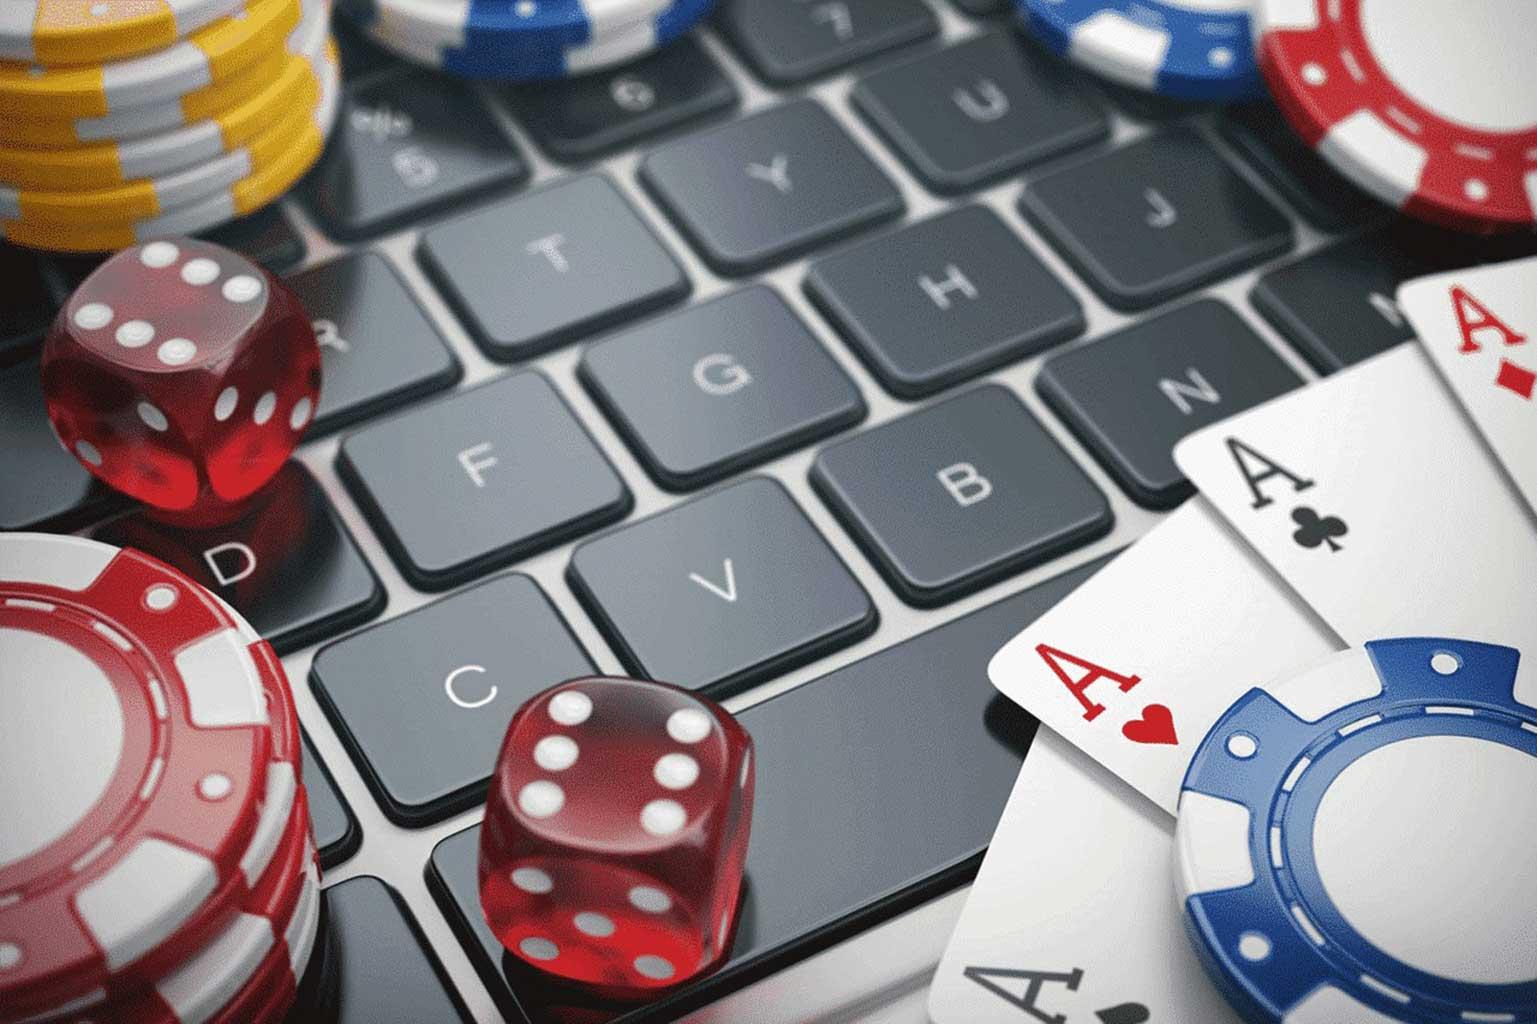 Η νομιμοποίηση και οι αλλαγές στο χώρο του Online Gambling στην Ελλάδα